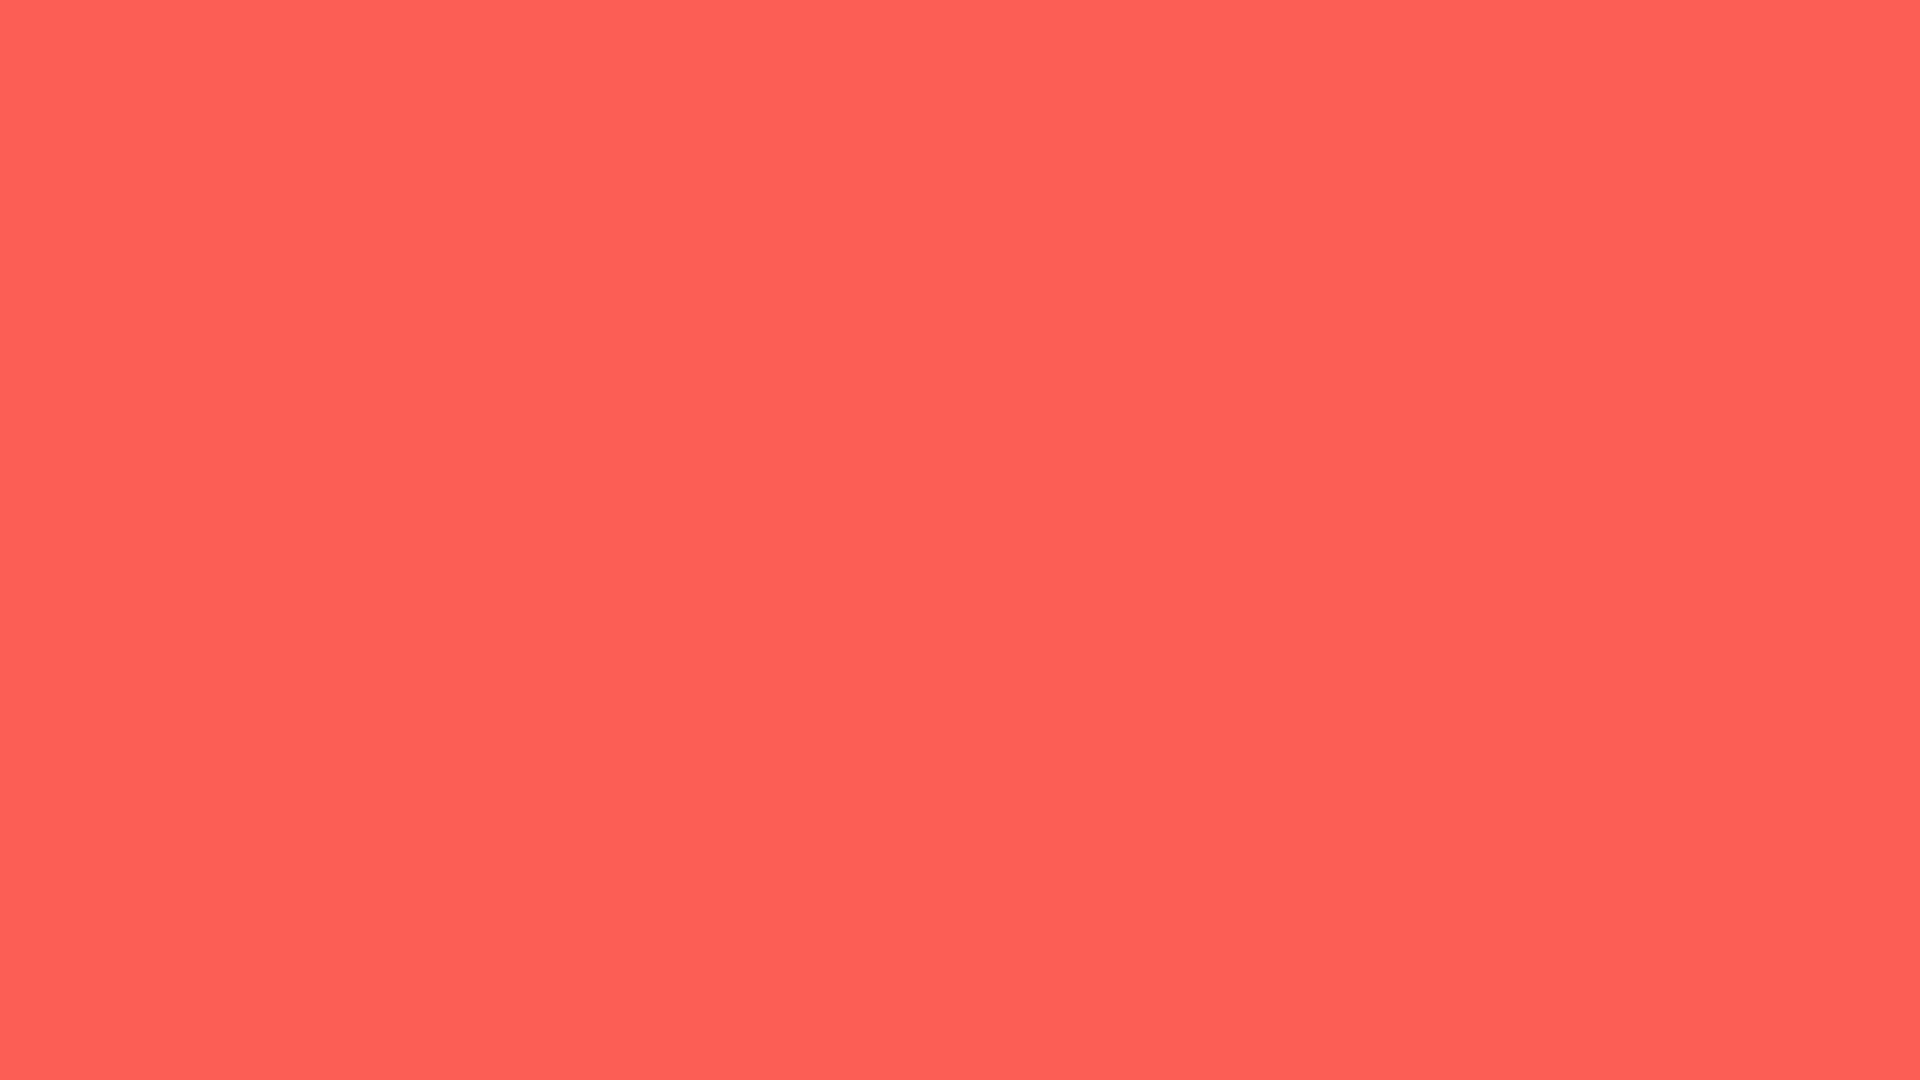 1920x1080 Sunset Orange Solid Color Background